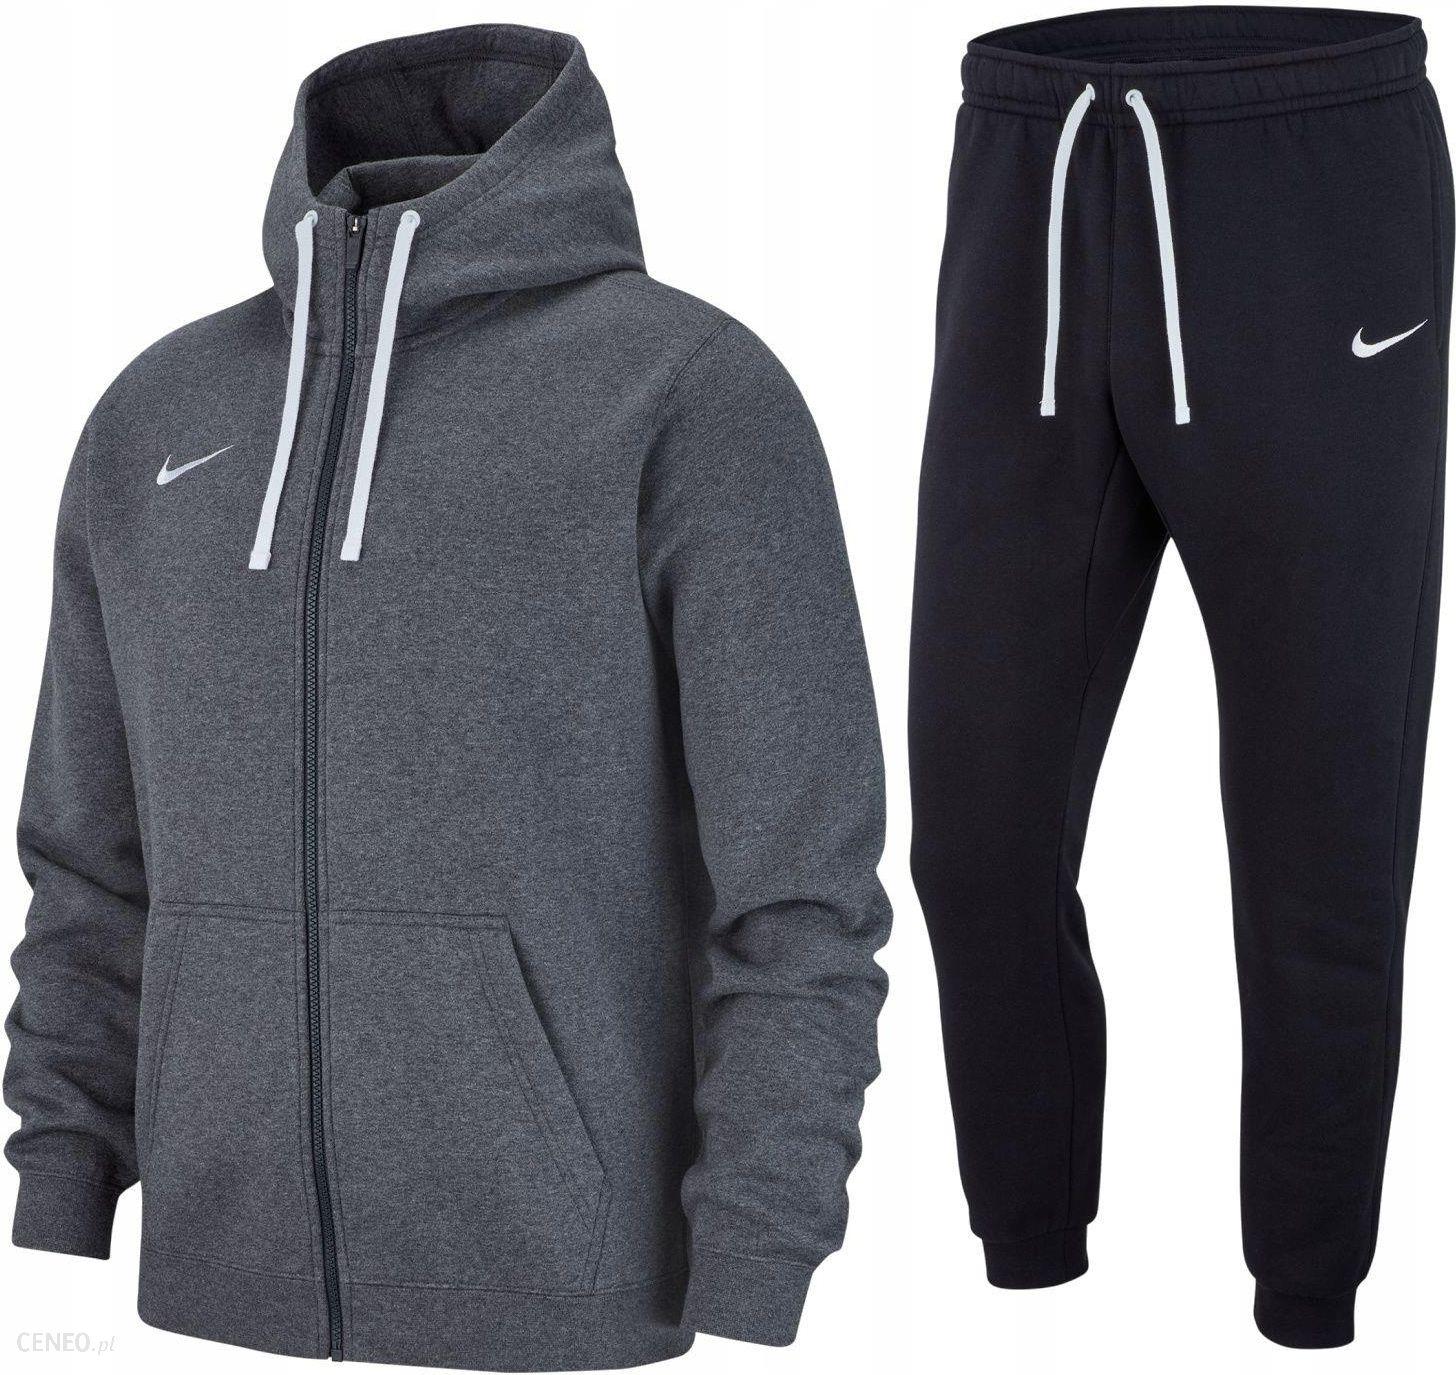 Nike Komplet Dresowy Męski Bluza Spodnie Dres S Ceny i opinie Ceneo.pl